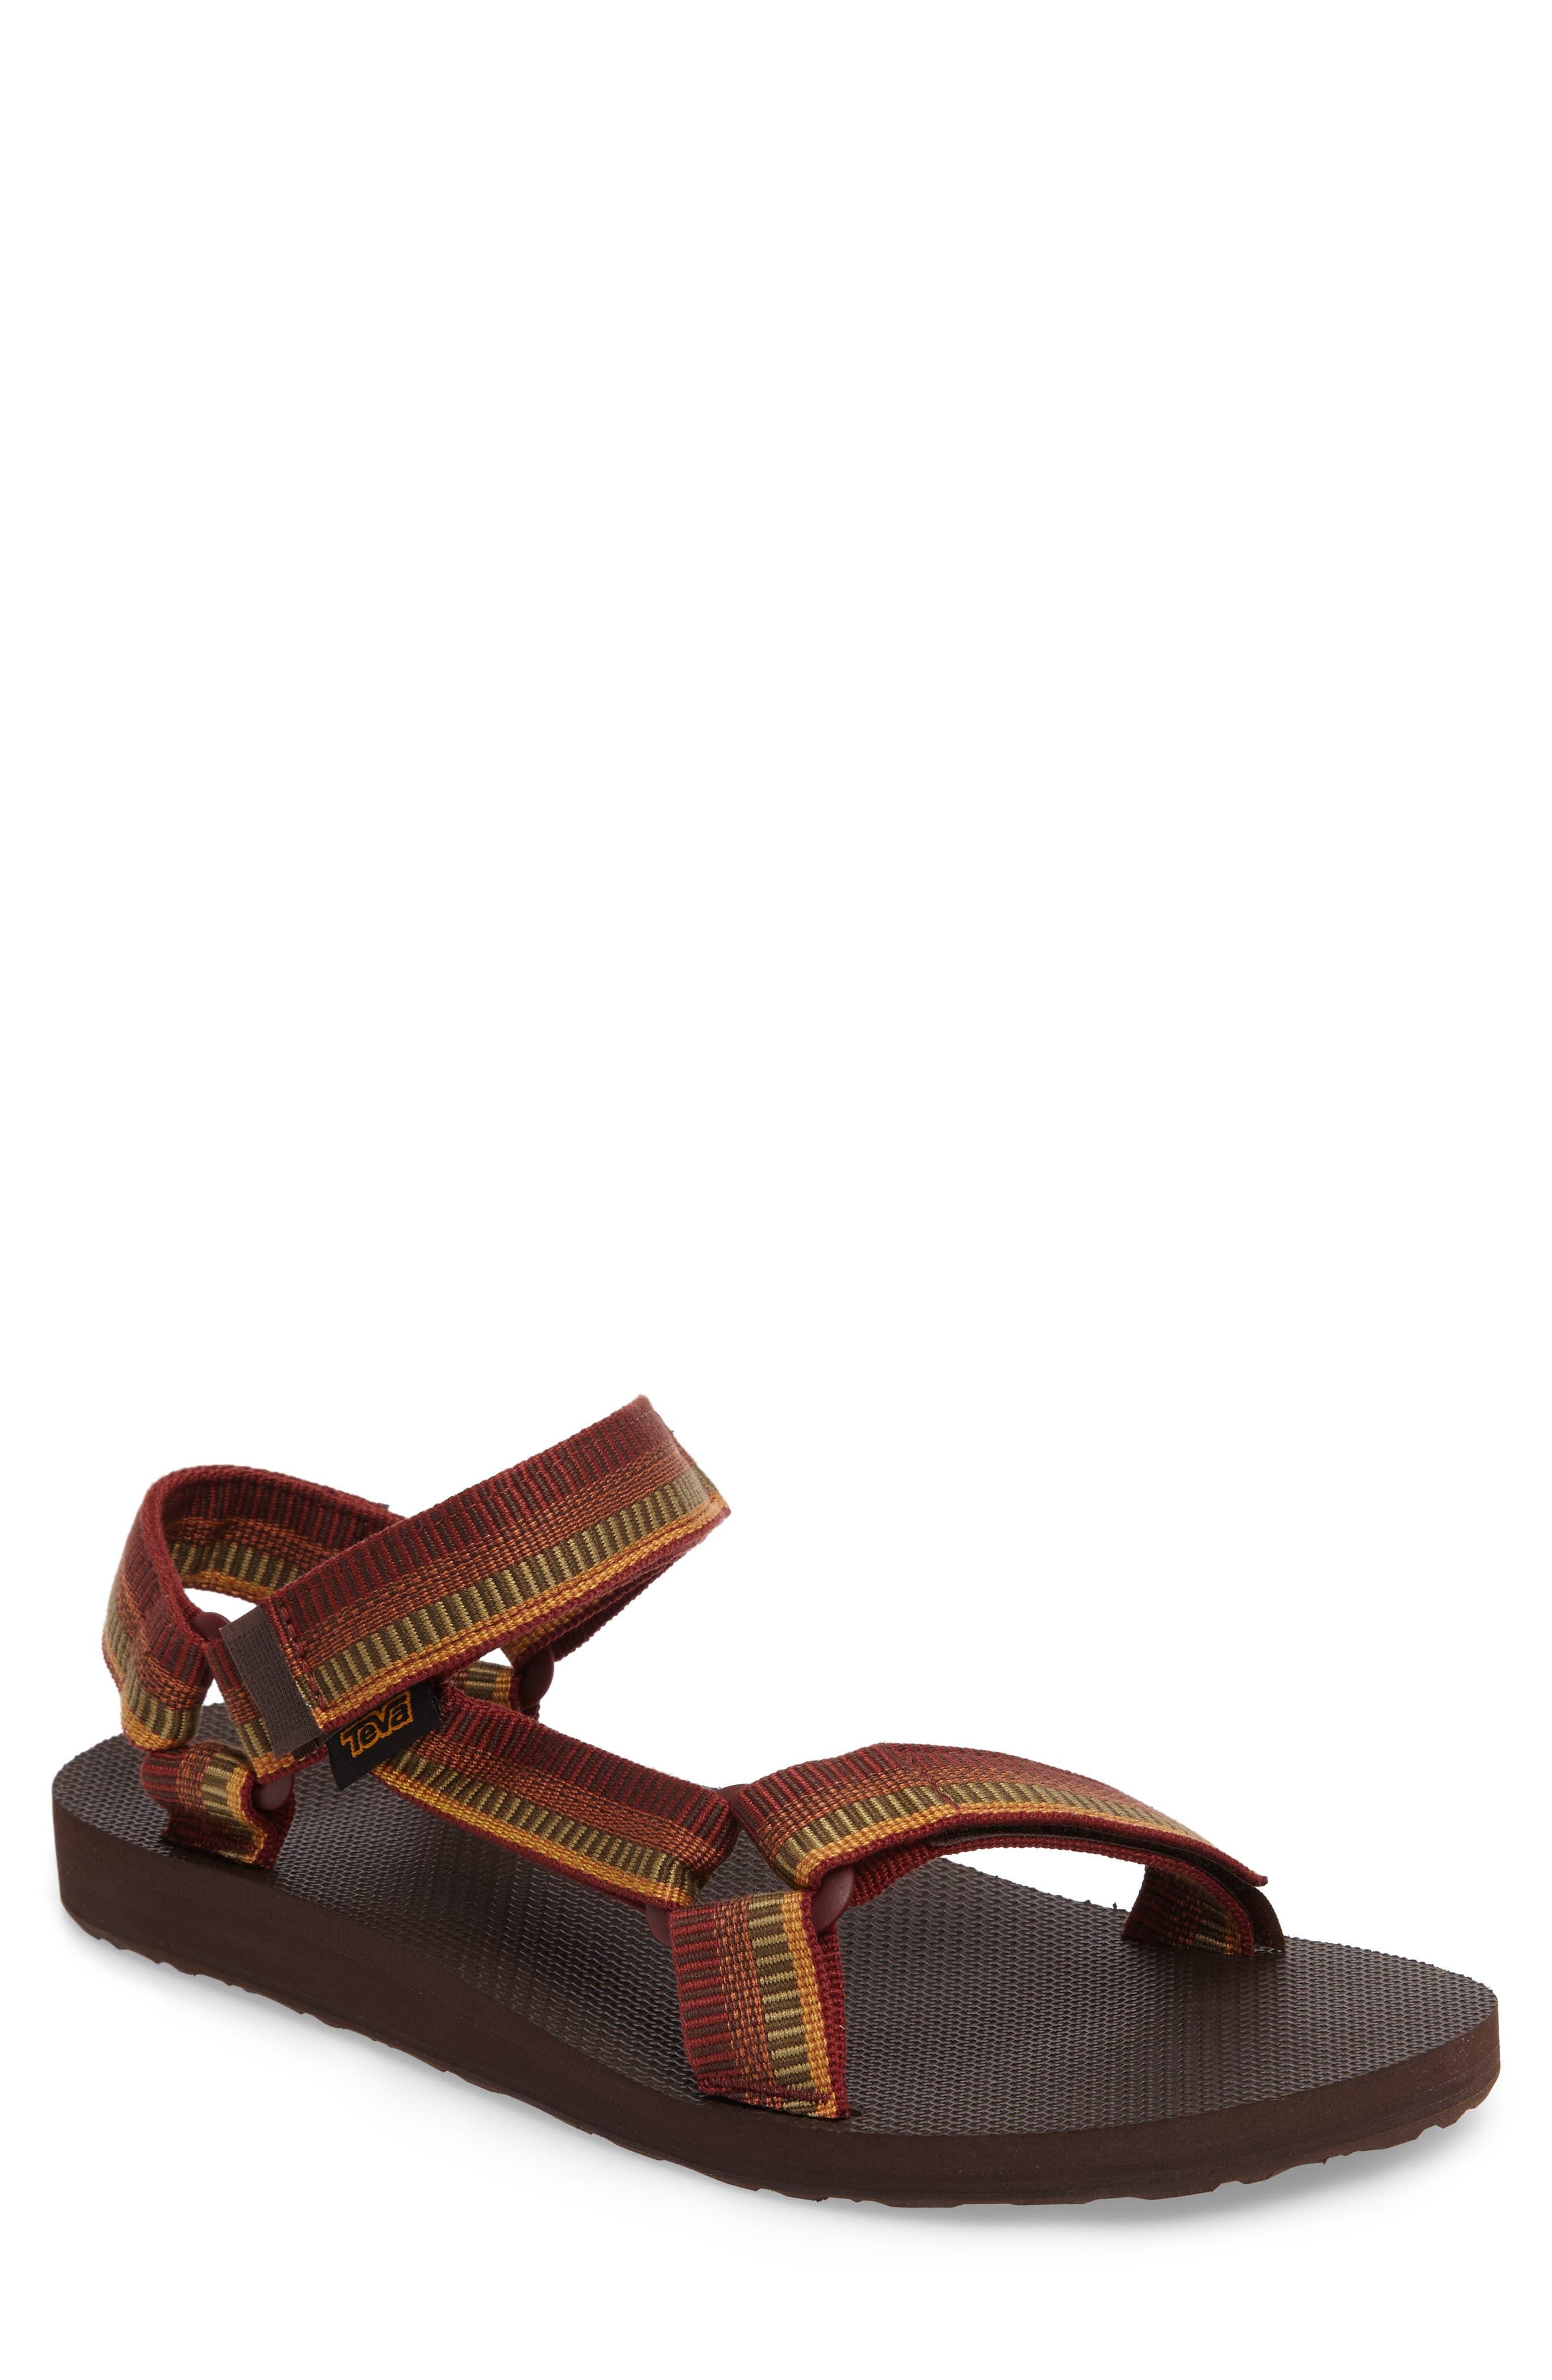 Main Image - Teva 'Original Universal' Sandal (Men)